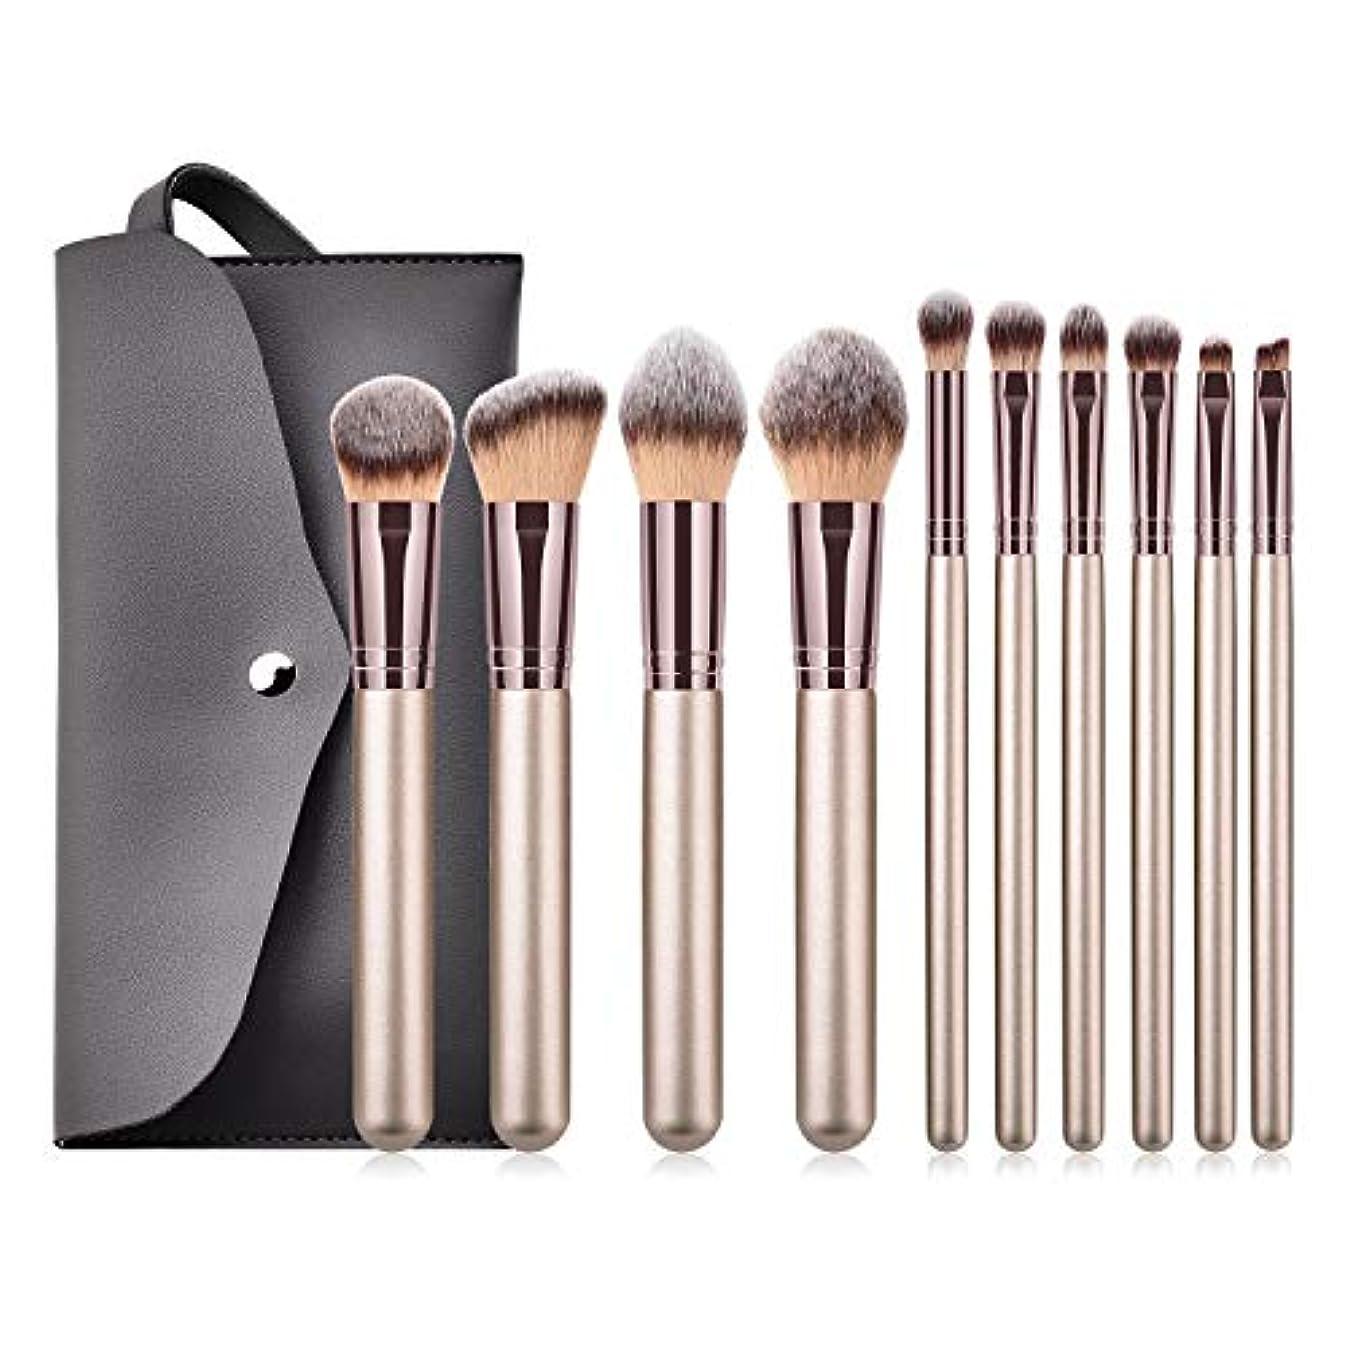 ライムナース特徴Makeup brushes PUバッグ、カラーメイクアップPro 10pcsメイクアップブラシセット suits (Color : Gold)